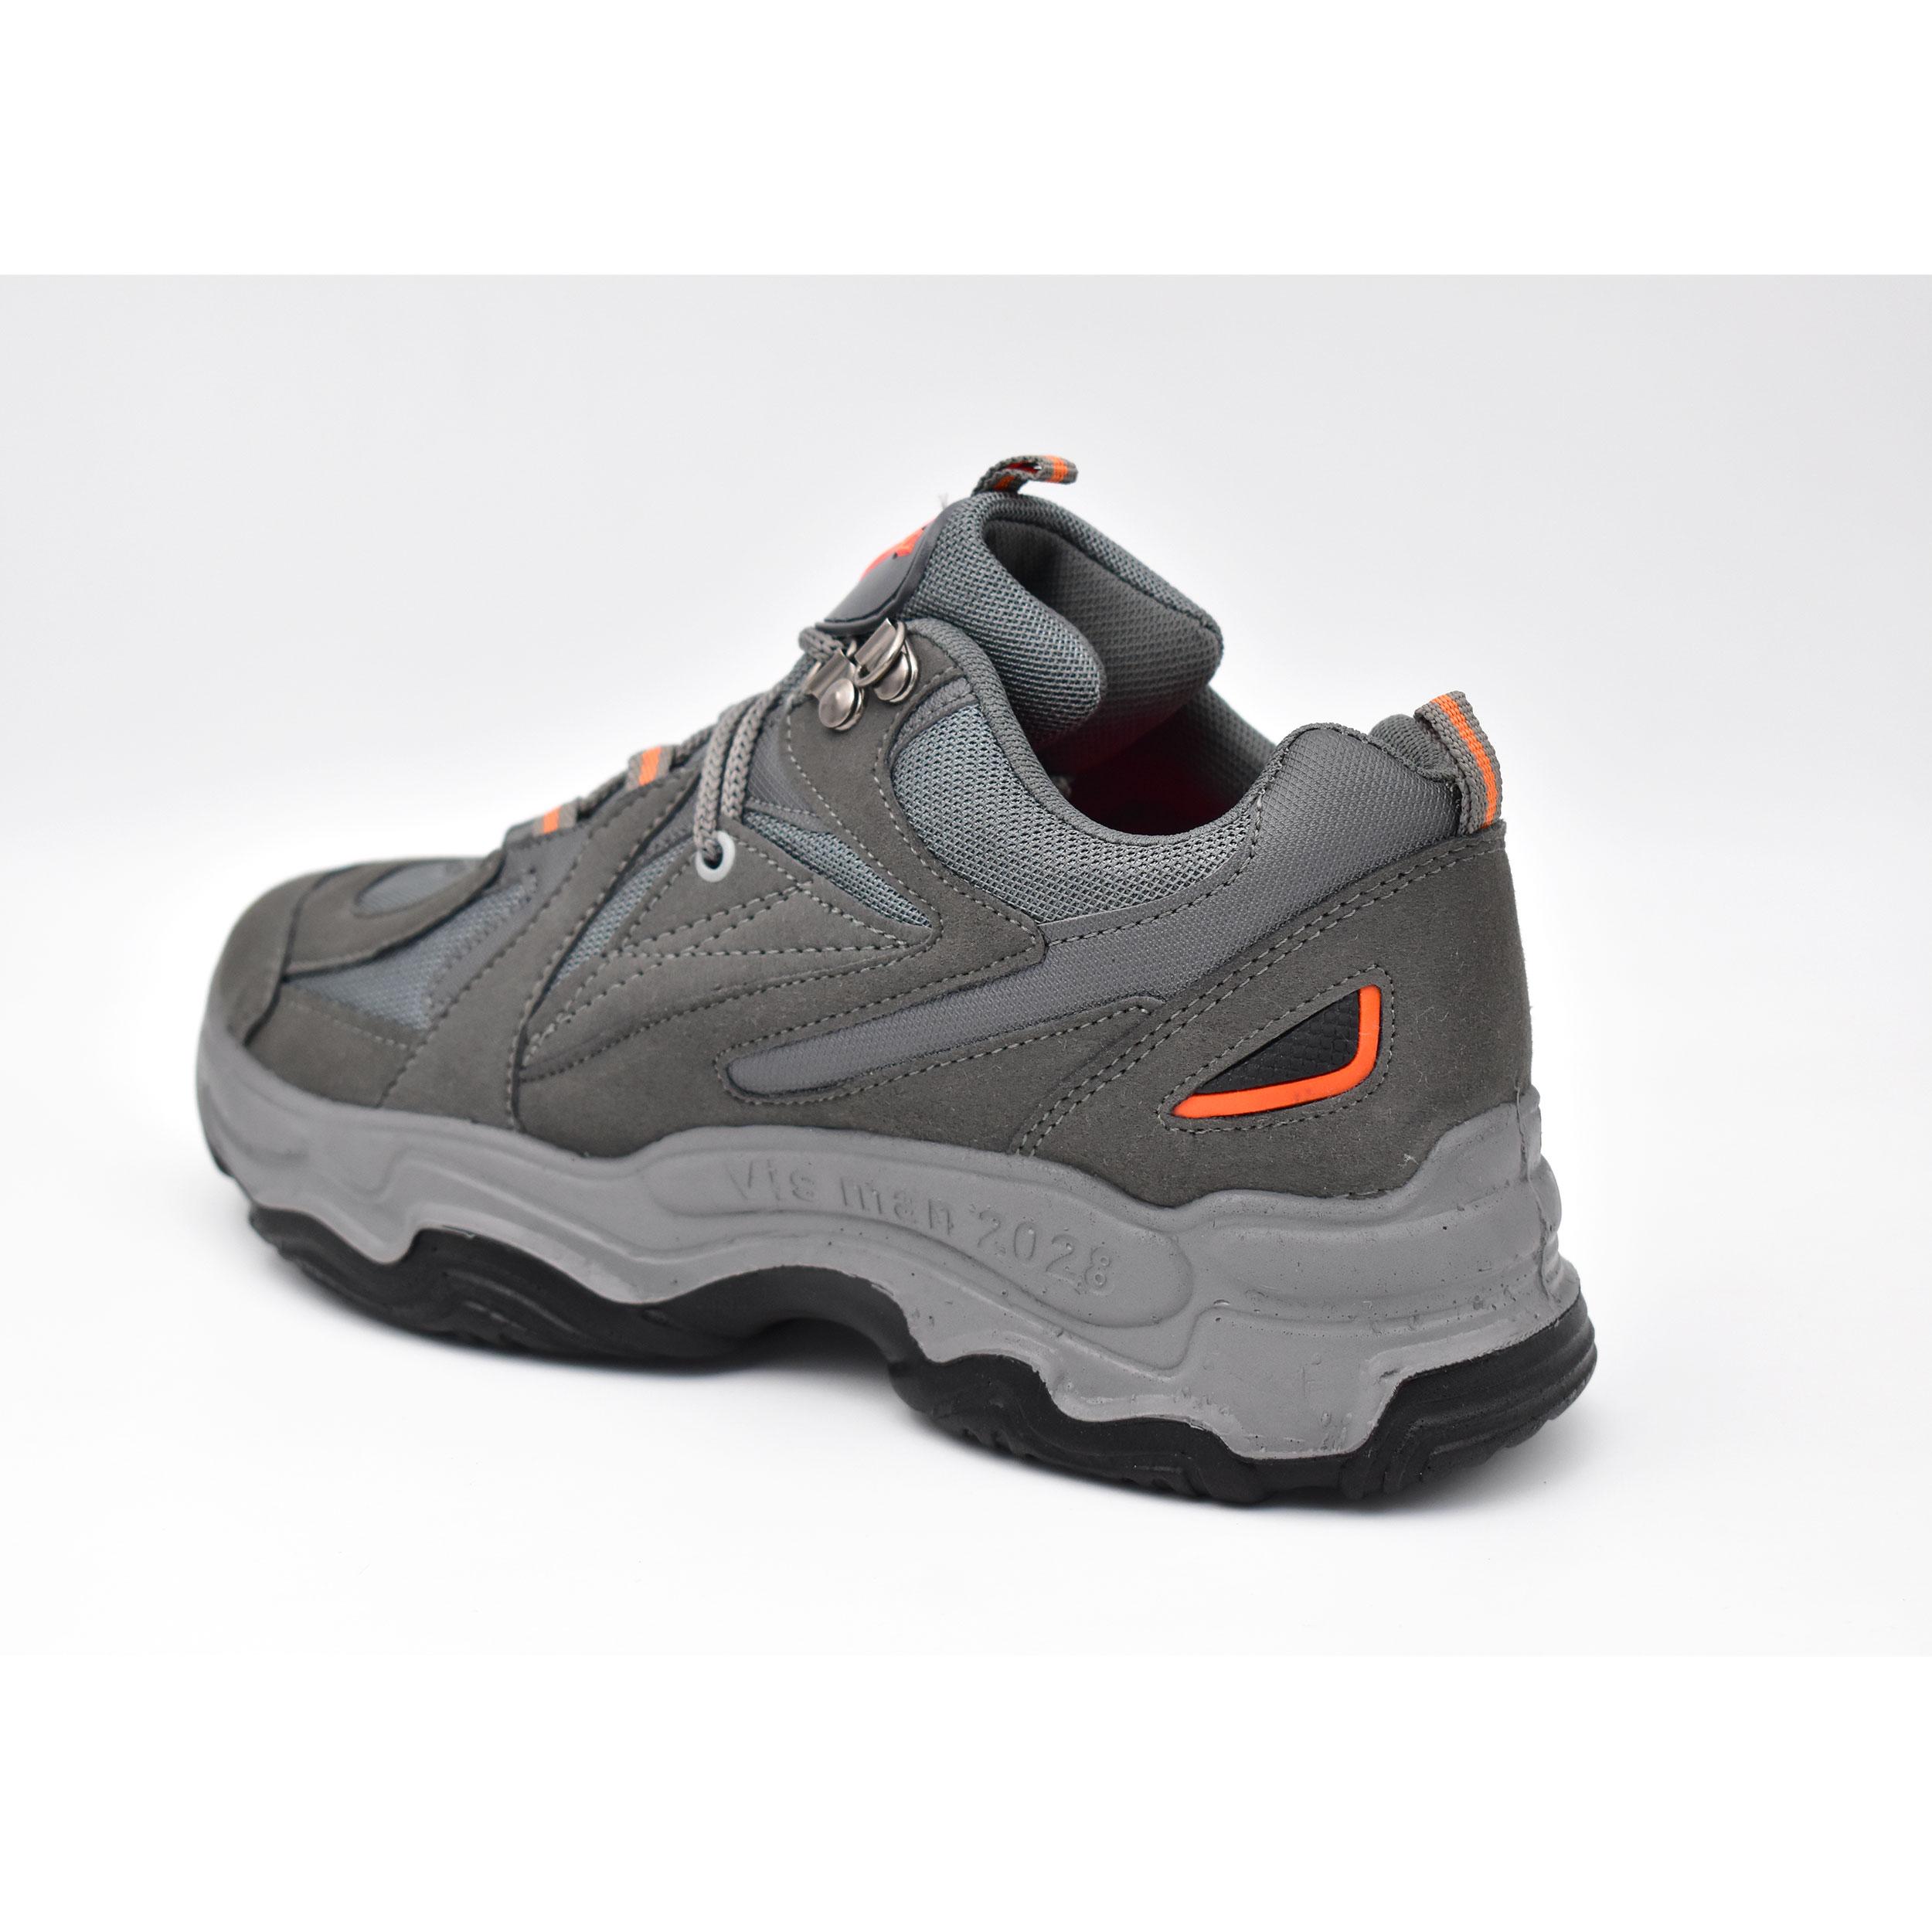 کفش کوهنوردی مردانه ویس من مدل CKO کد 8377 main 1 12